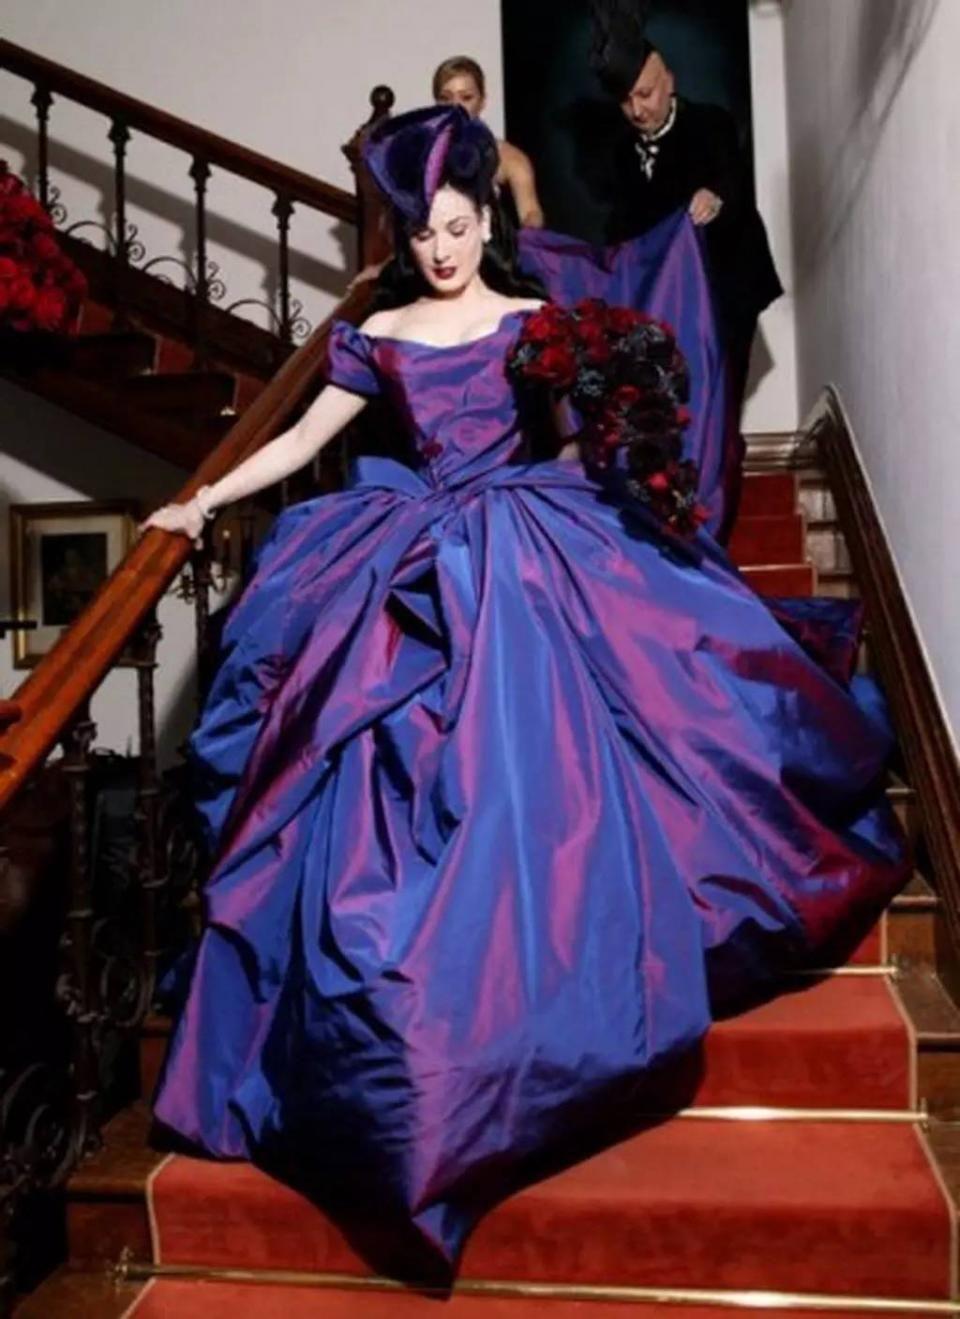 Dita Von Teese marries Marilyn Manson #ditavonteese @voidchella ...